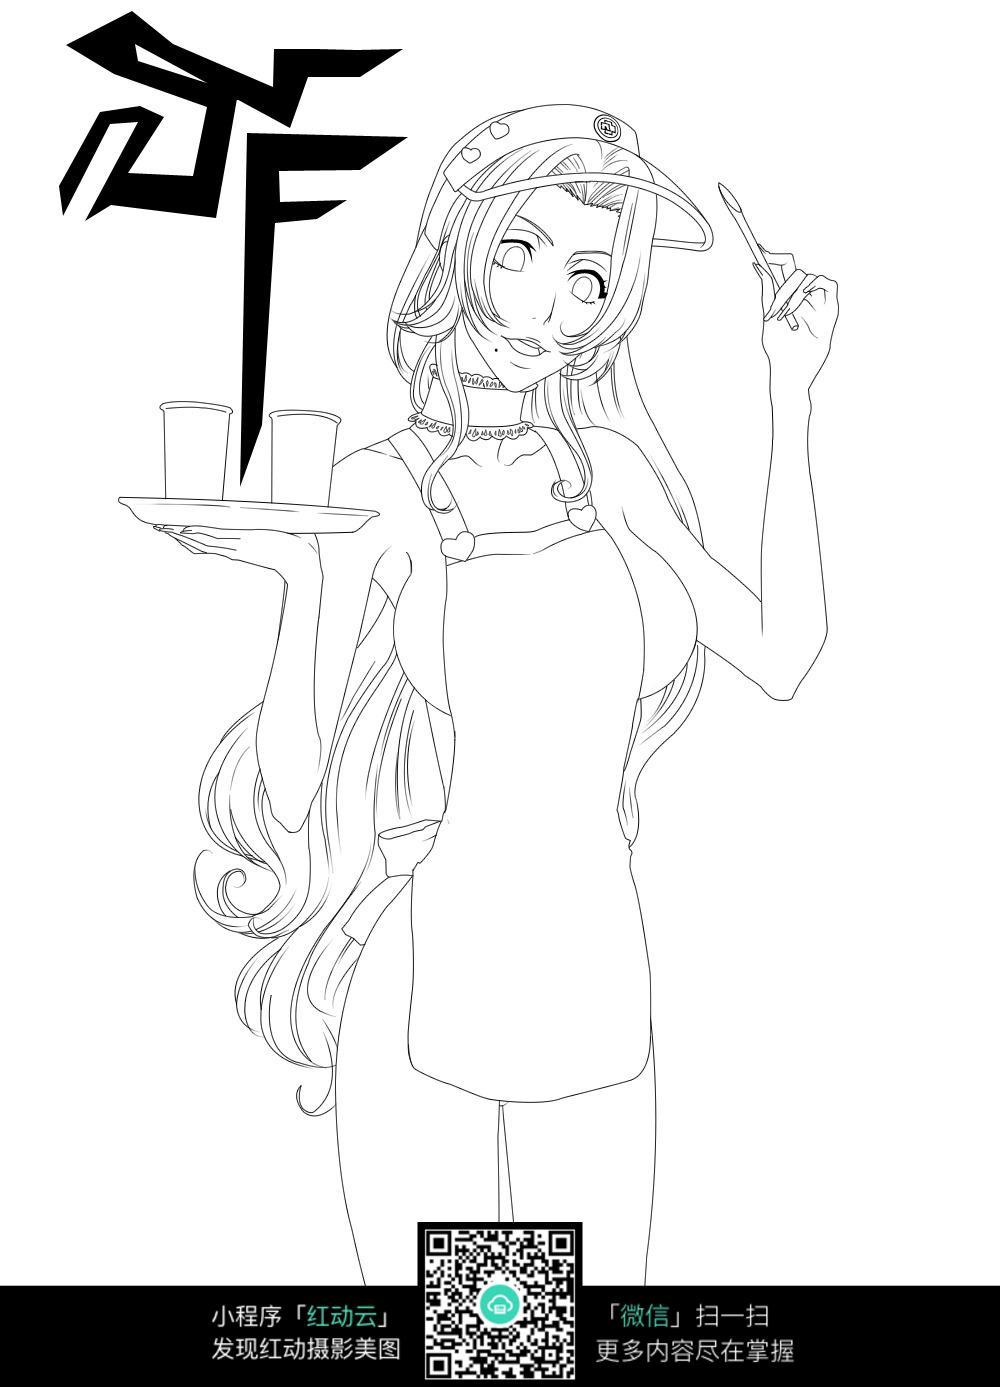 端着茶盘的卡通女服务员线条插画